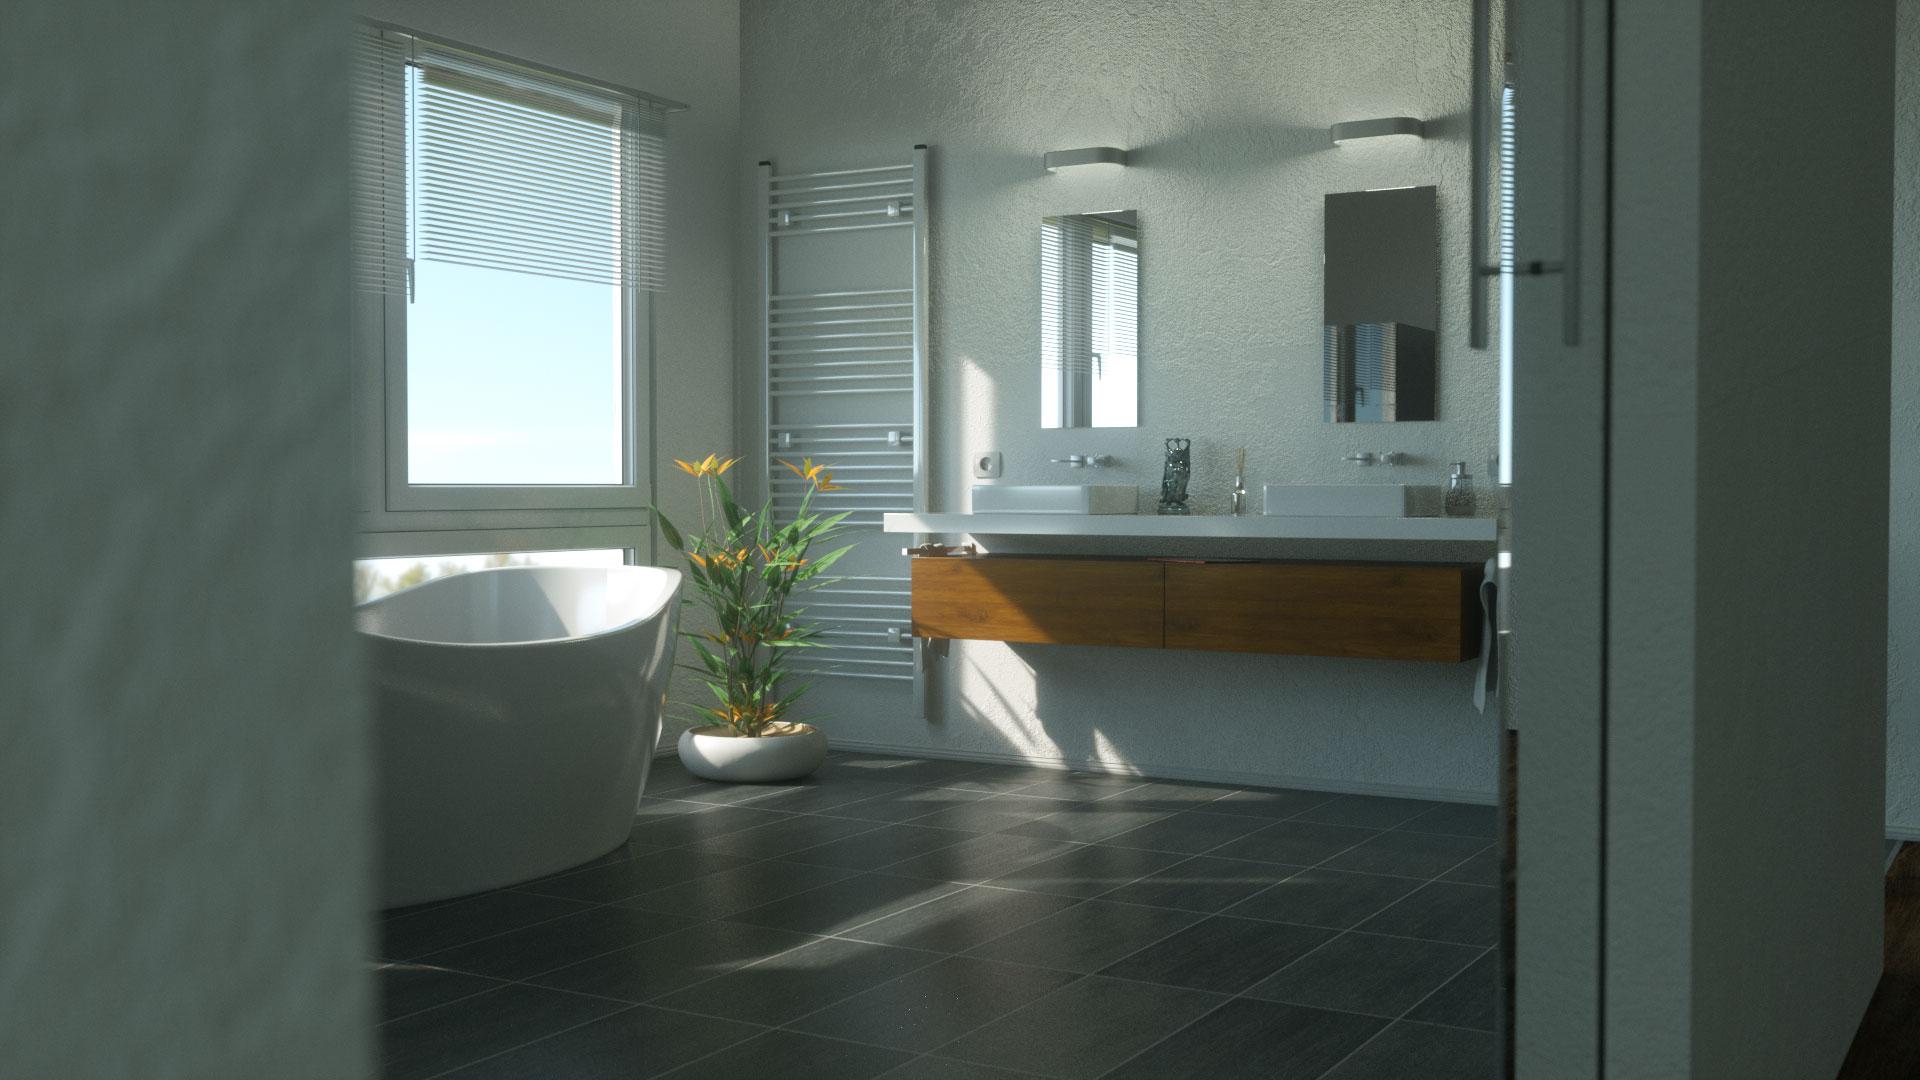 180grad_Bathroom_1920-1080